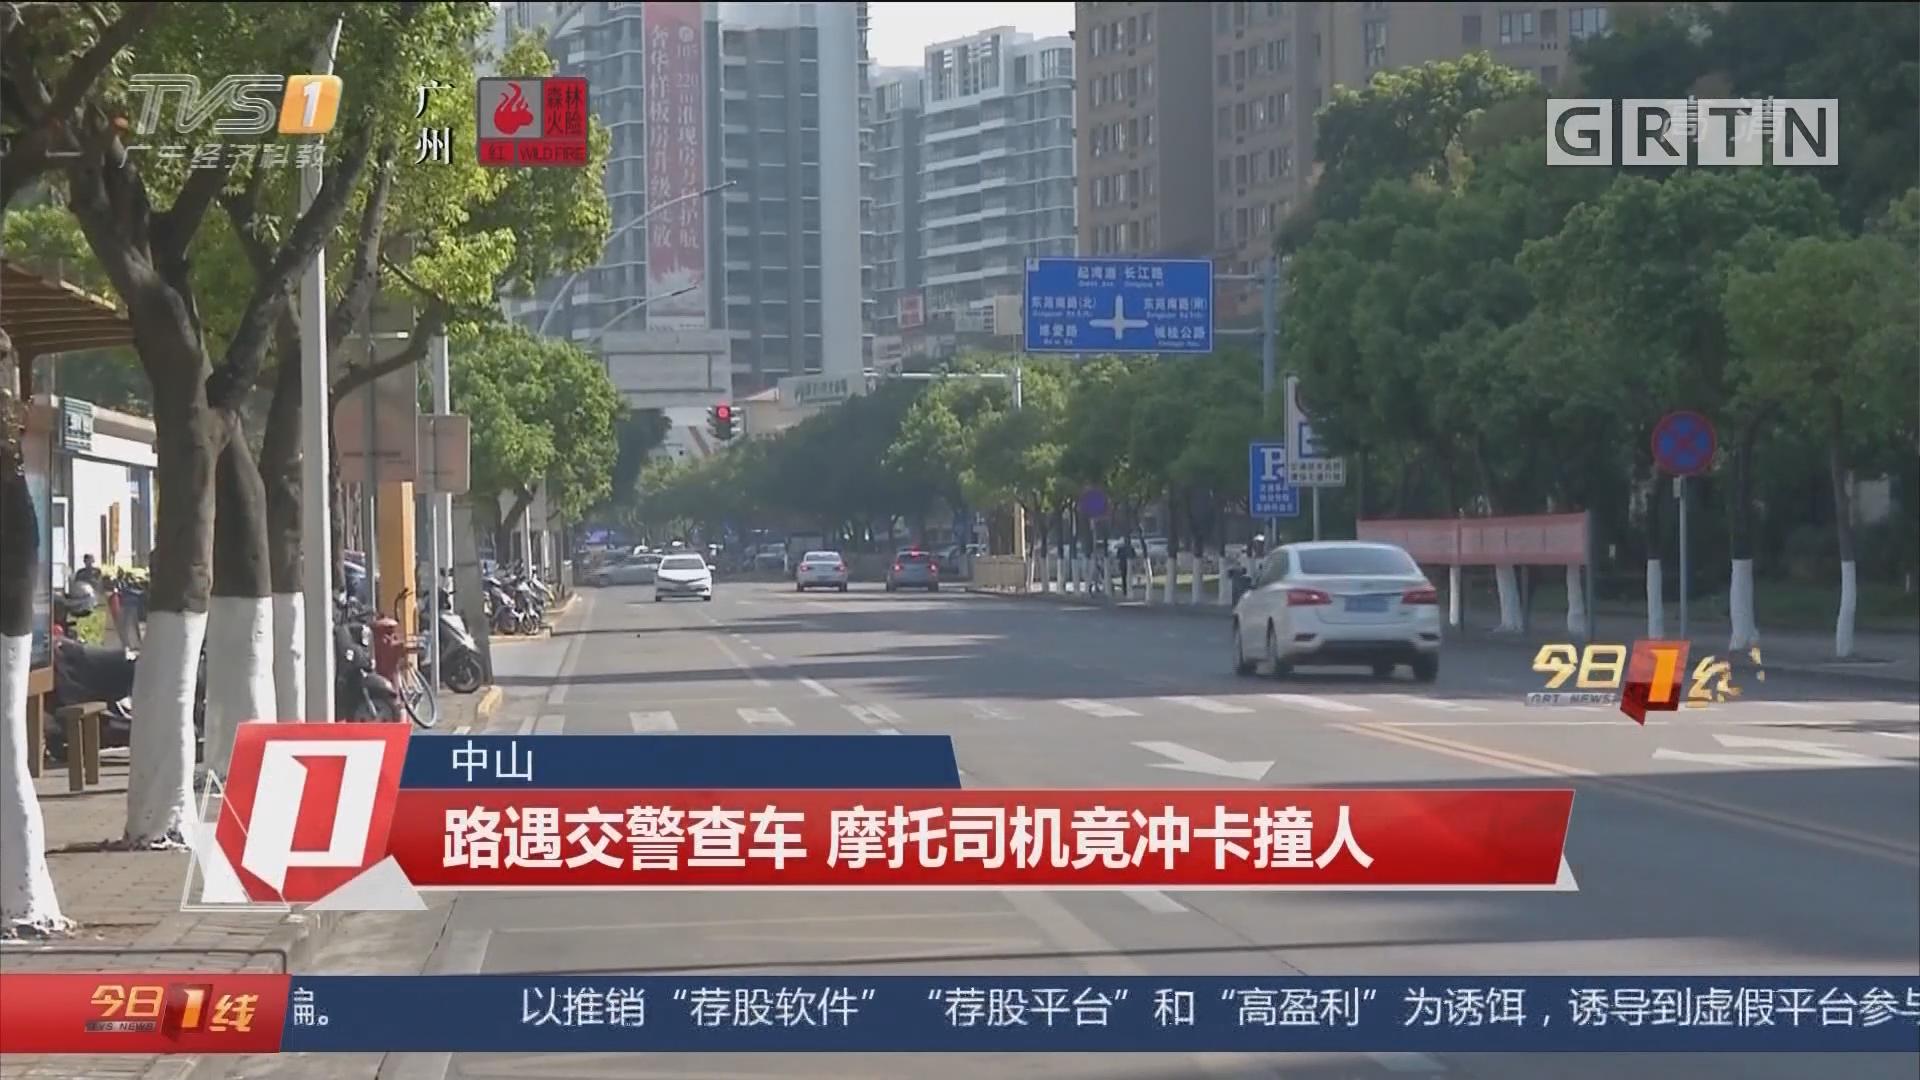 中山:路遇交警查车 摩托司机竟冲卡撞人